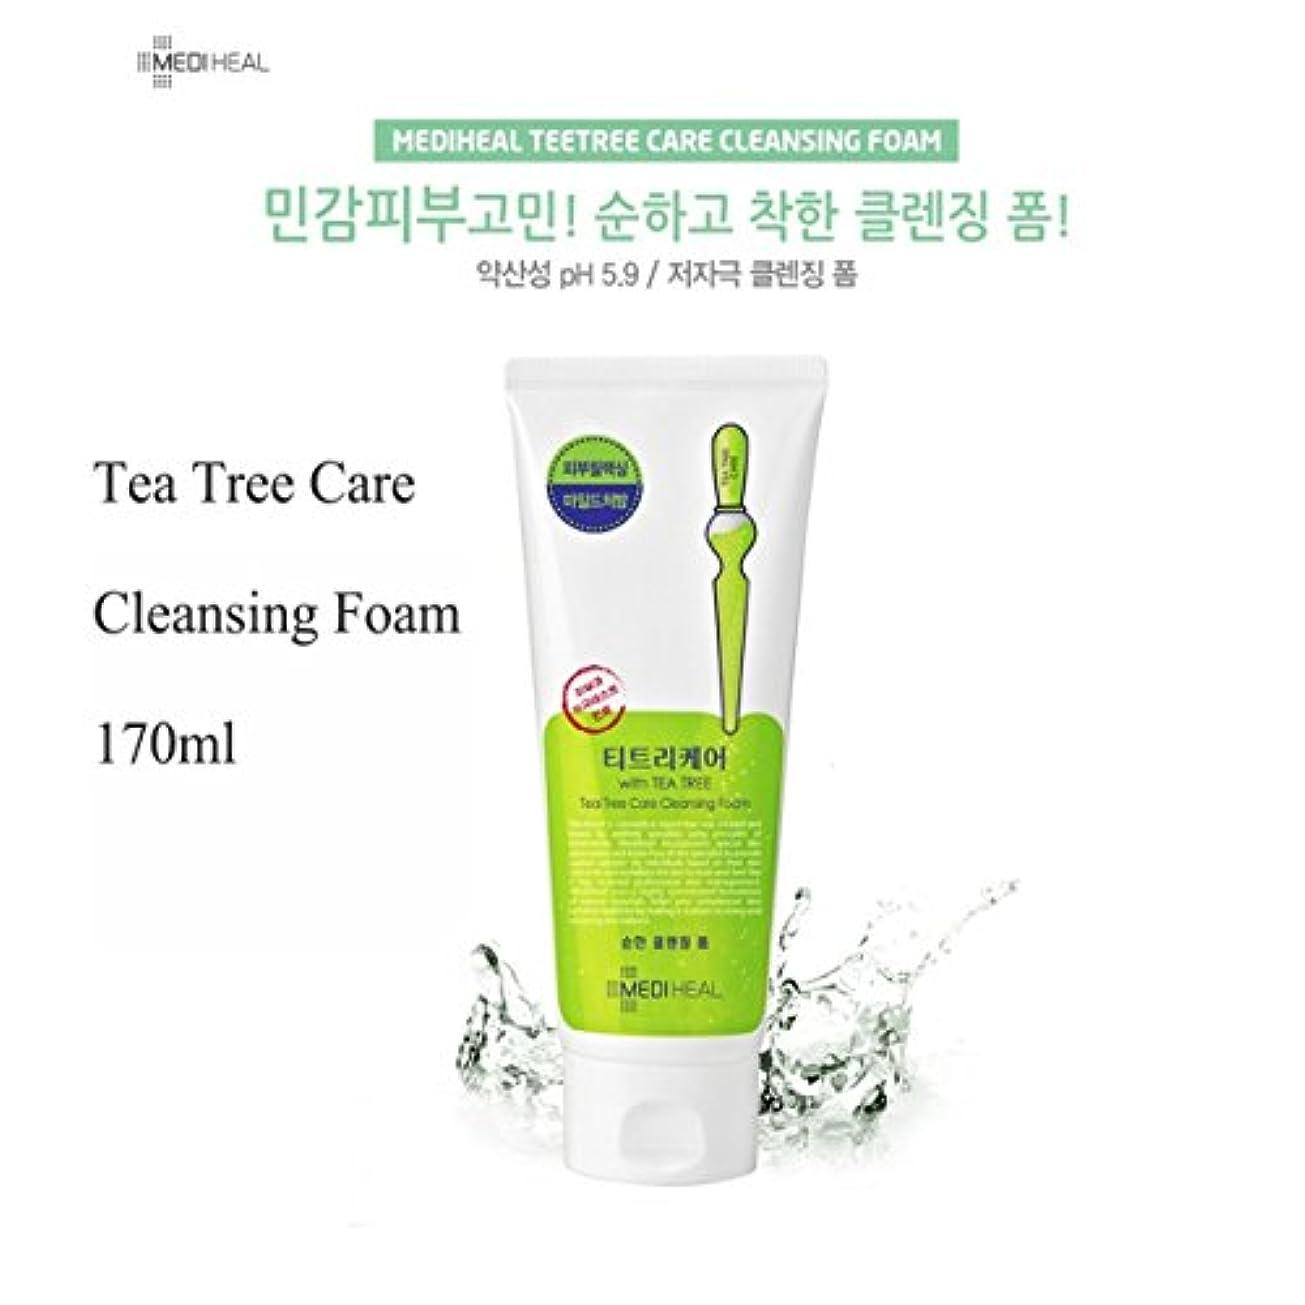 花輪スナッチヒューム【正規輸入品】MEDIHEAL Tea Tree Foam Cleansing 170ml/メディヒール ティー ツリー フォーム クレンジング 170ml